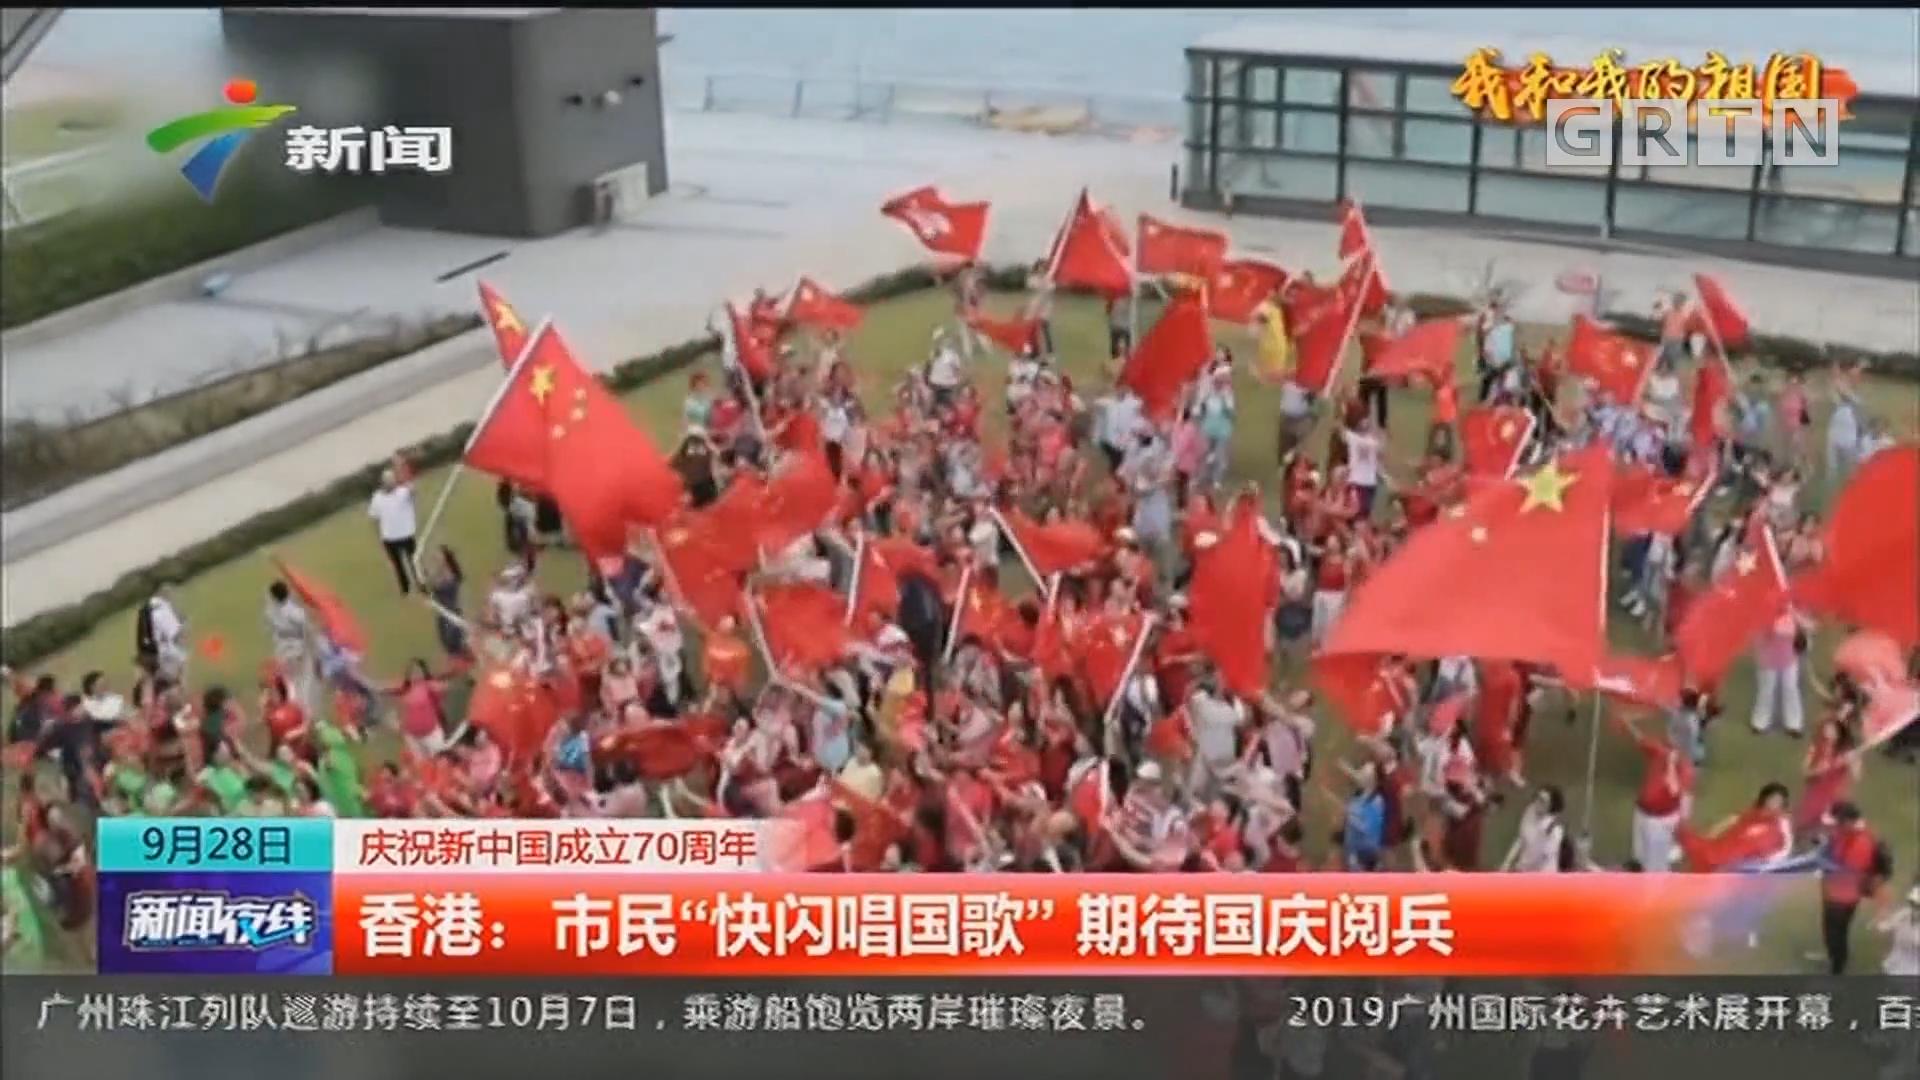 """庆祝新中国成立70周年 香港:市民""""快闪唱国歌""""期待国庆阅兵"""